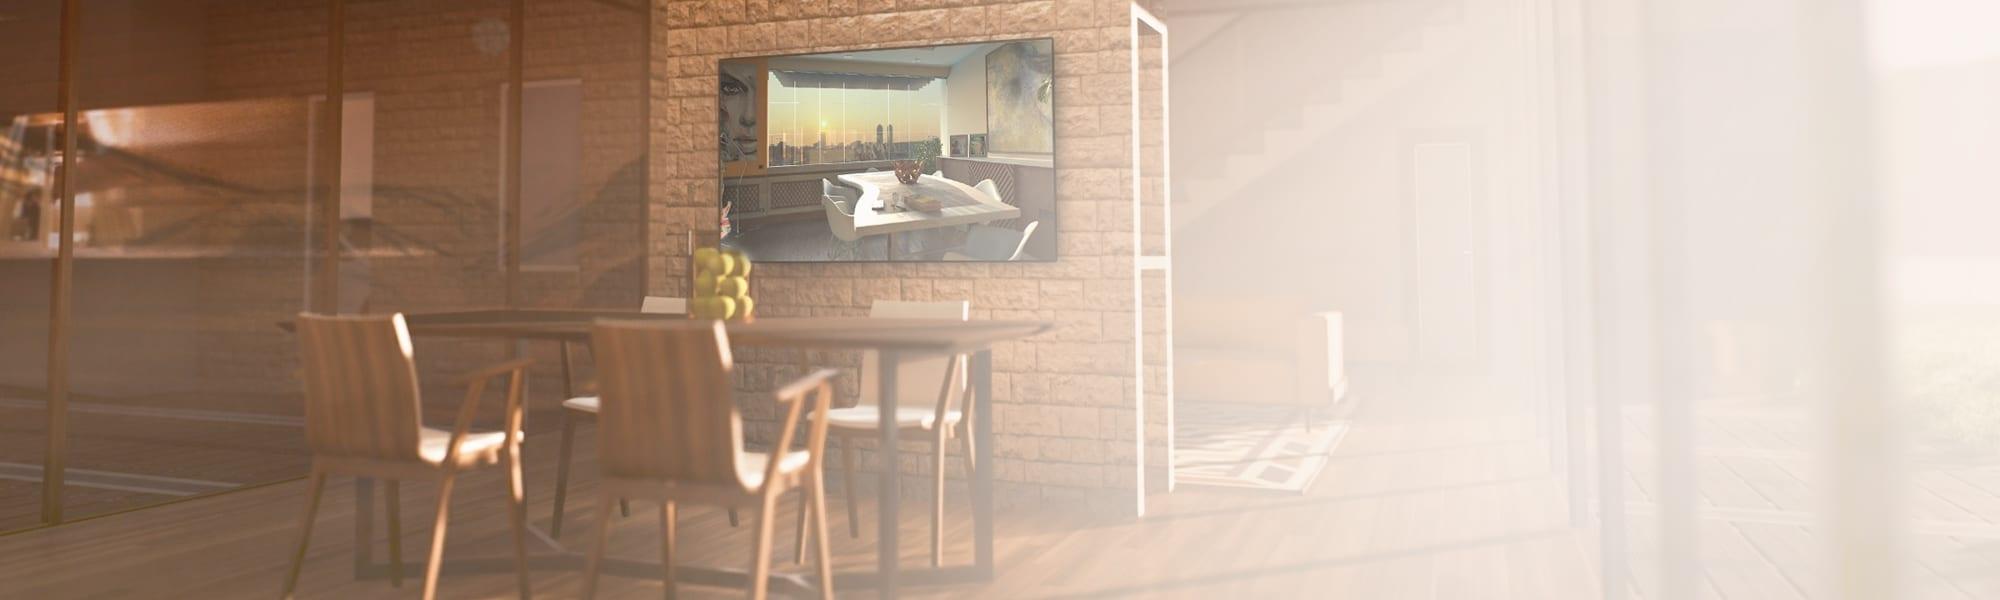 Avalie a iluminação dos ambientes | Edificius | ACCA software